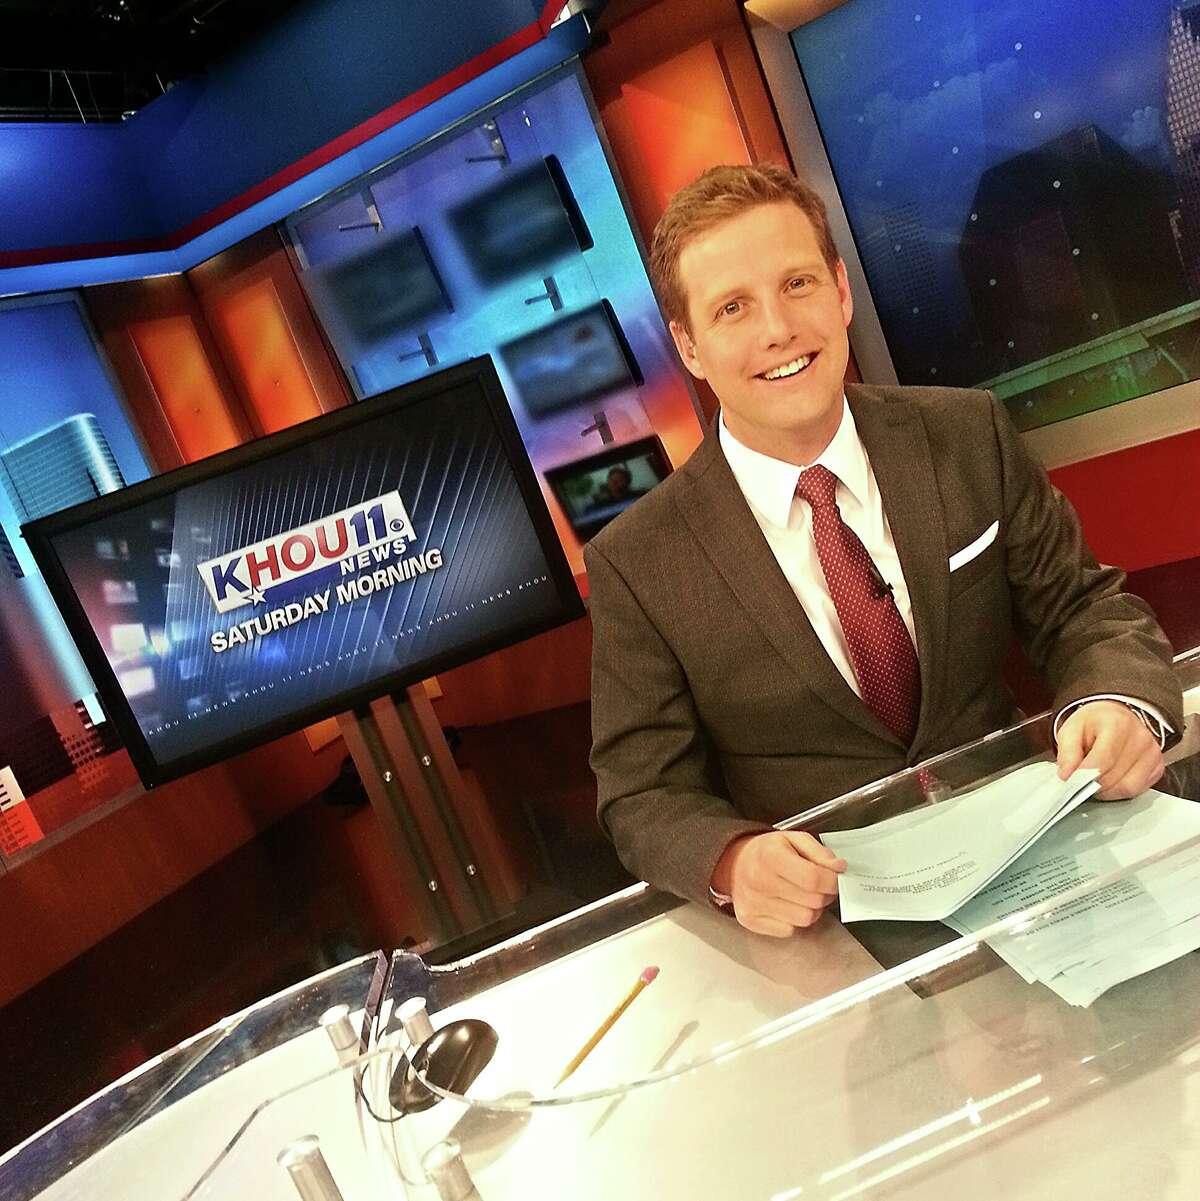 Tim Wetzel - Reporter for KHOU-TV Klout score: 50